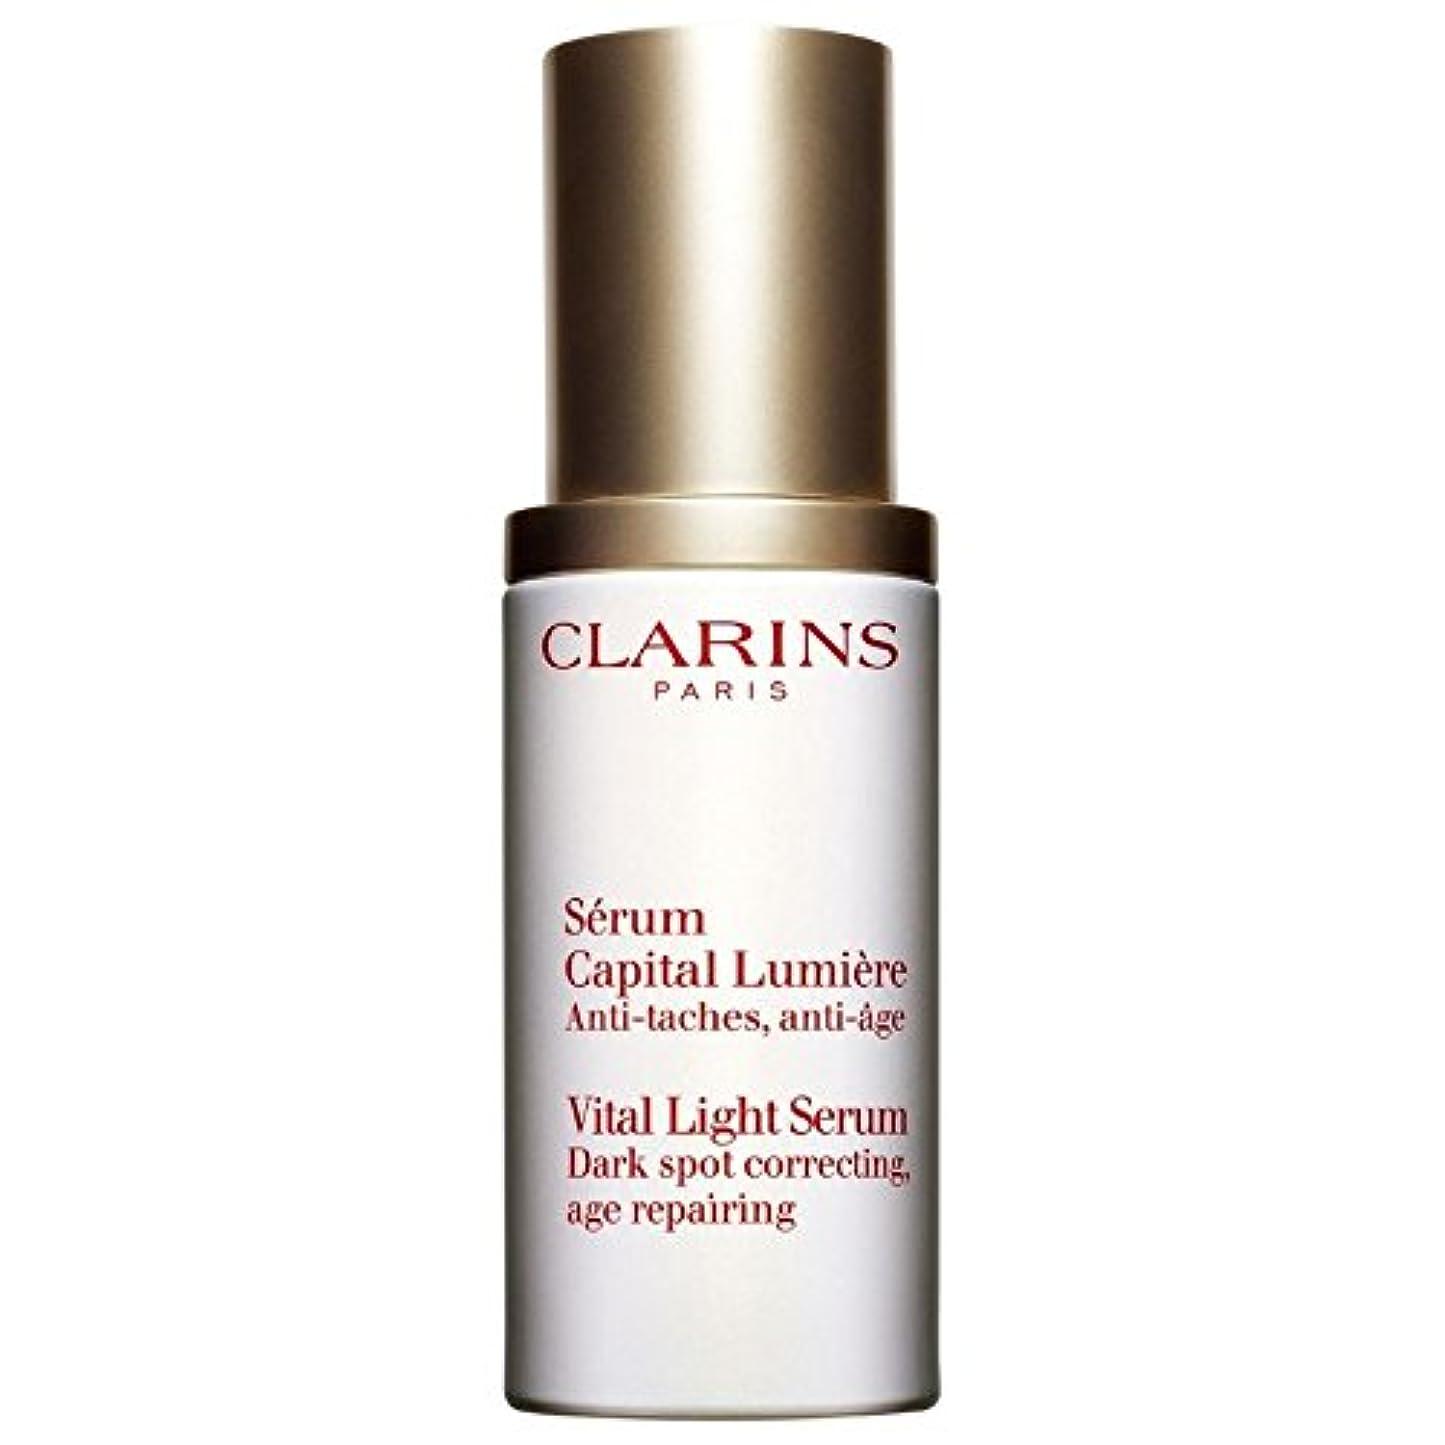 参照騒浸食[JL] クラランス不可欠な光セラム30Ml - Clarins Vital Light Serum 30ml [並行輸入品]